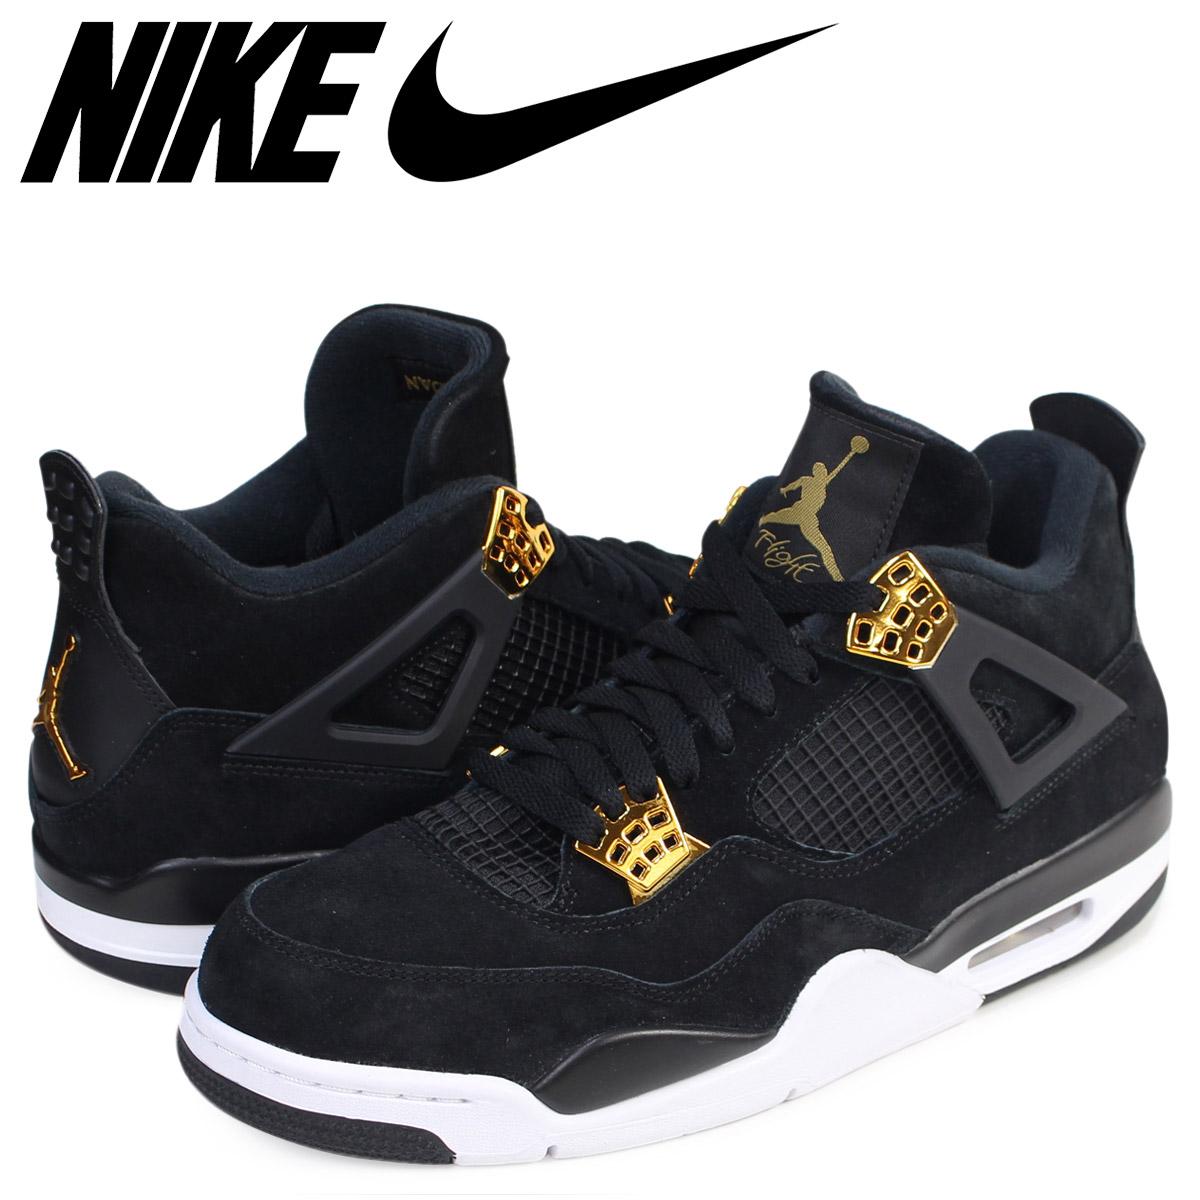 86c1f031823 Nike NIKE Air Jordan 4 nostalgic sneakers AIR JORDAN 4 RETRO ROYALTY 308,497 -032 men's ...